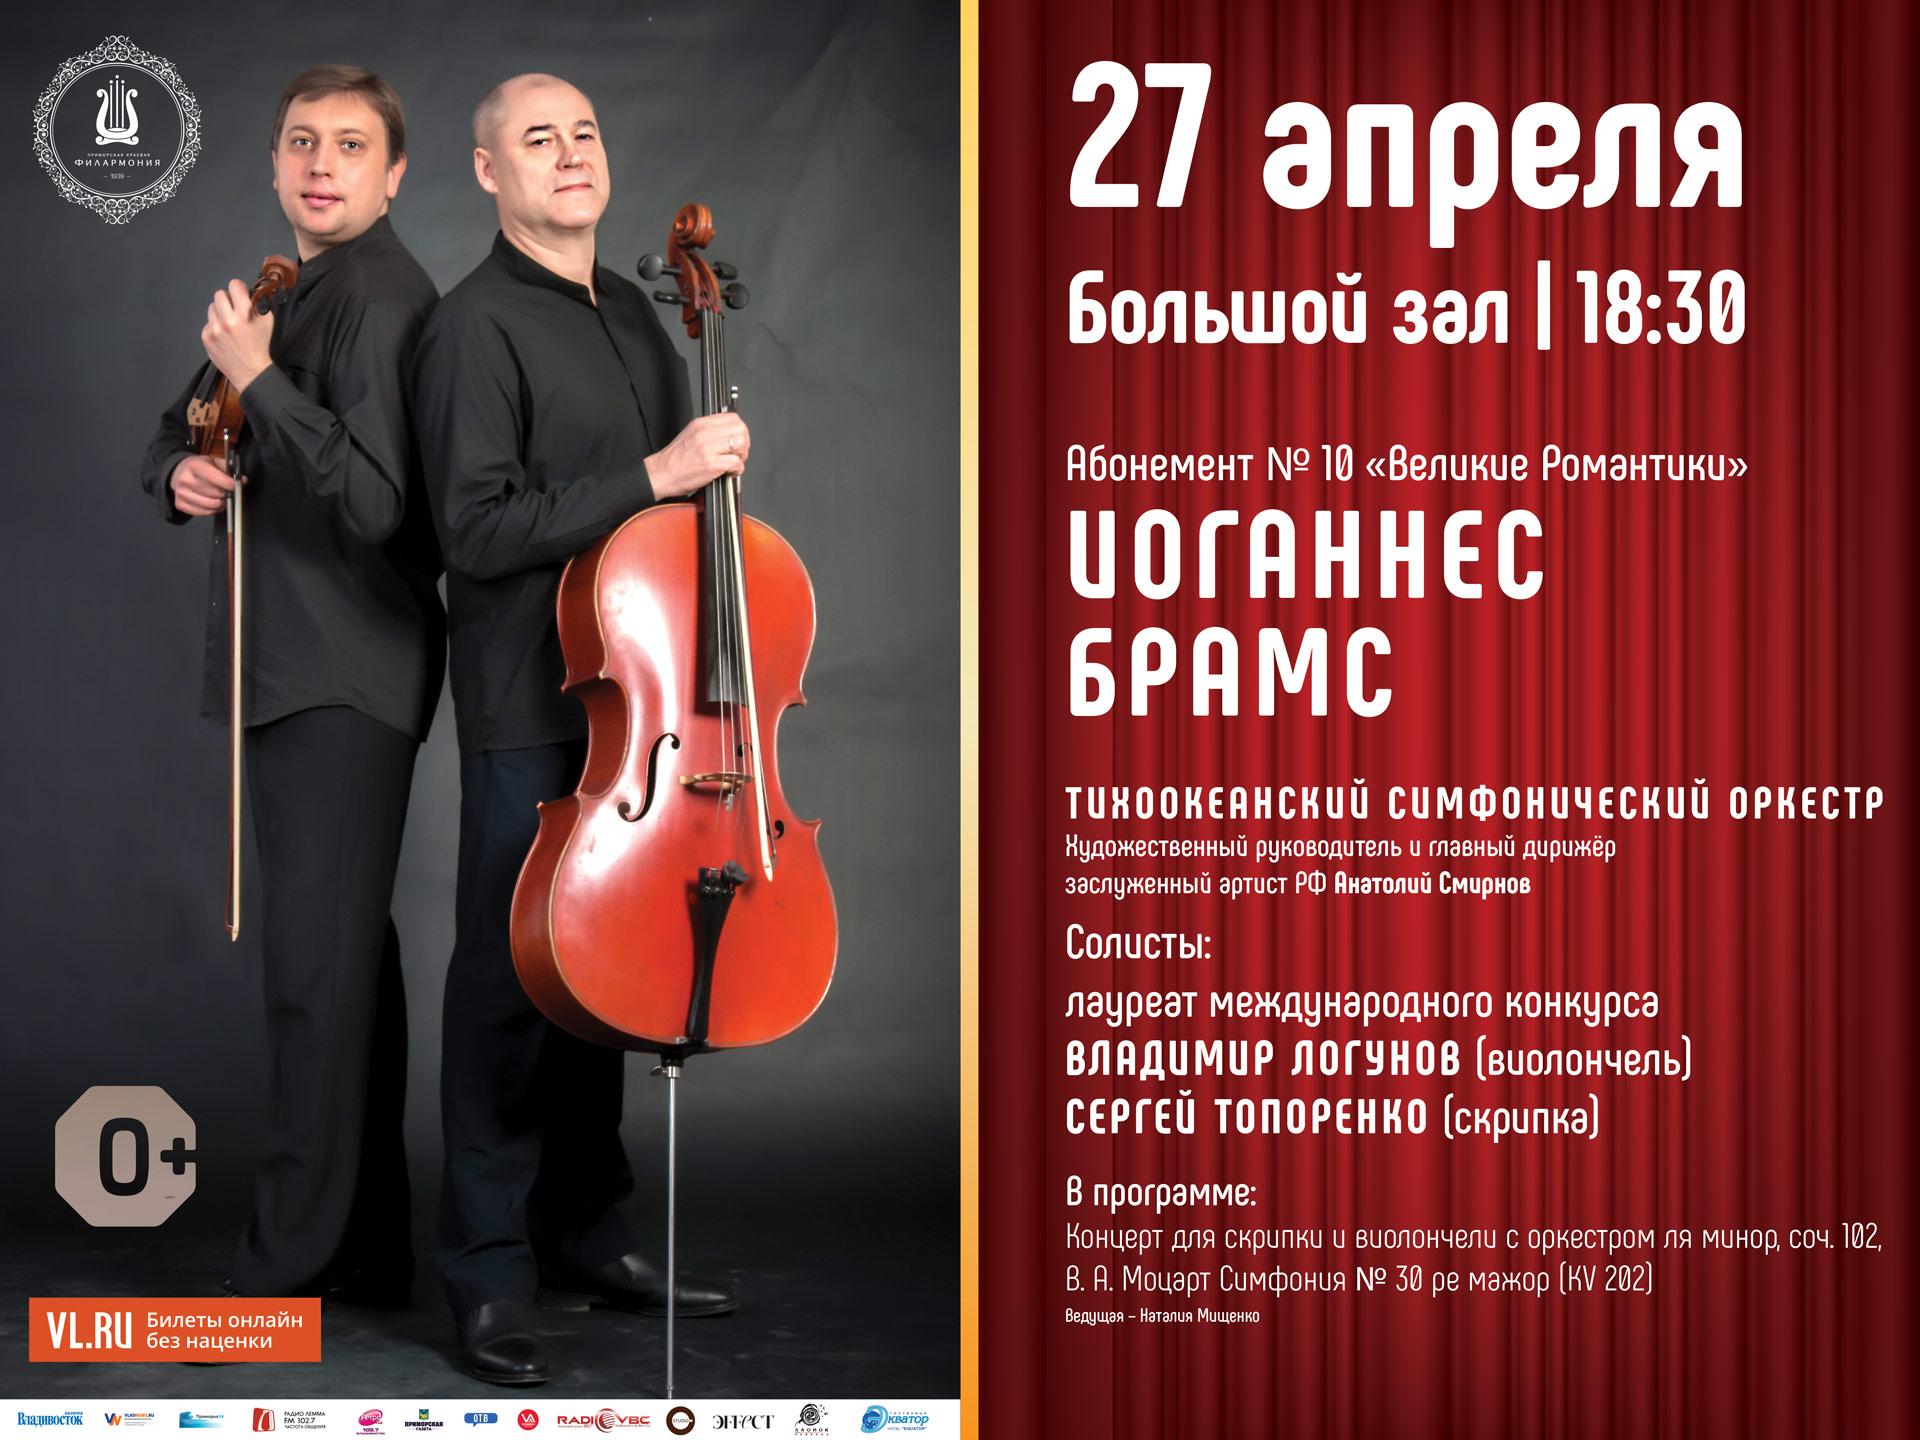 """27 апреля Большой зал, 18:30 Концертная программа  """"Иоганнес Брамс"""""""